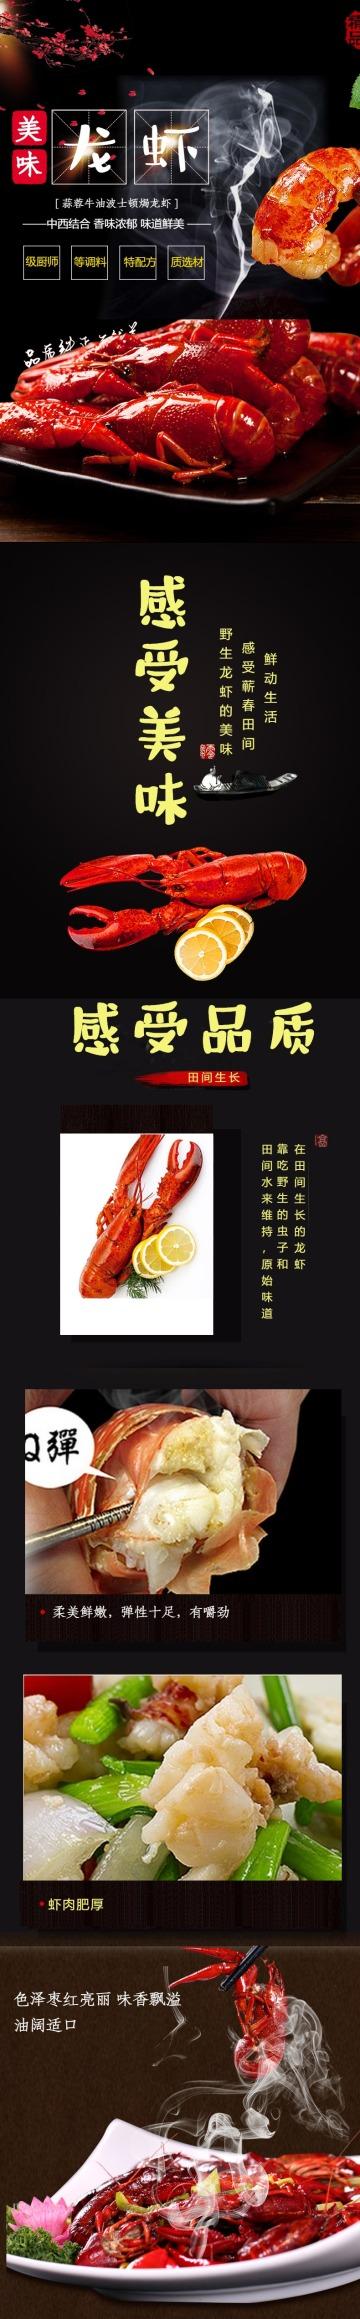 时尚美味龙虾电商详情页